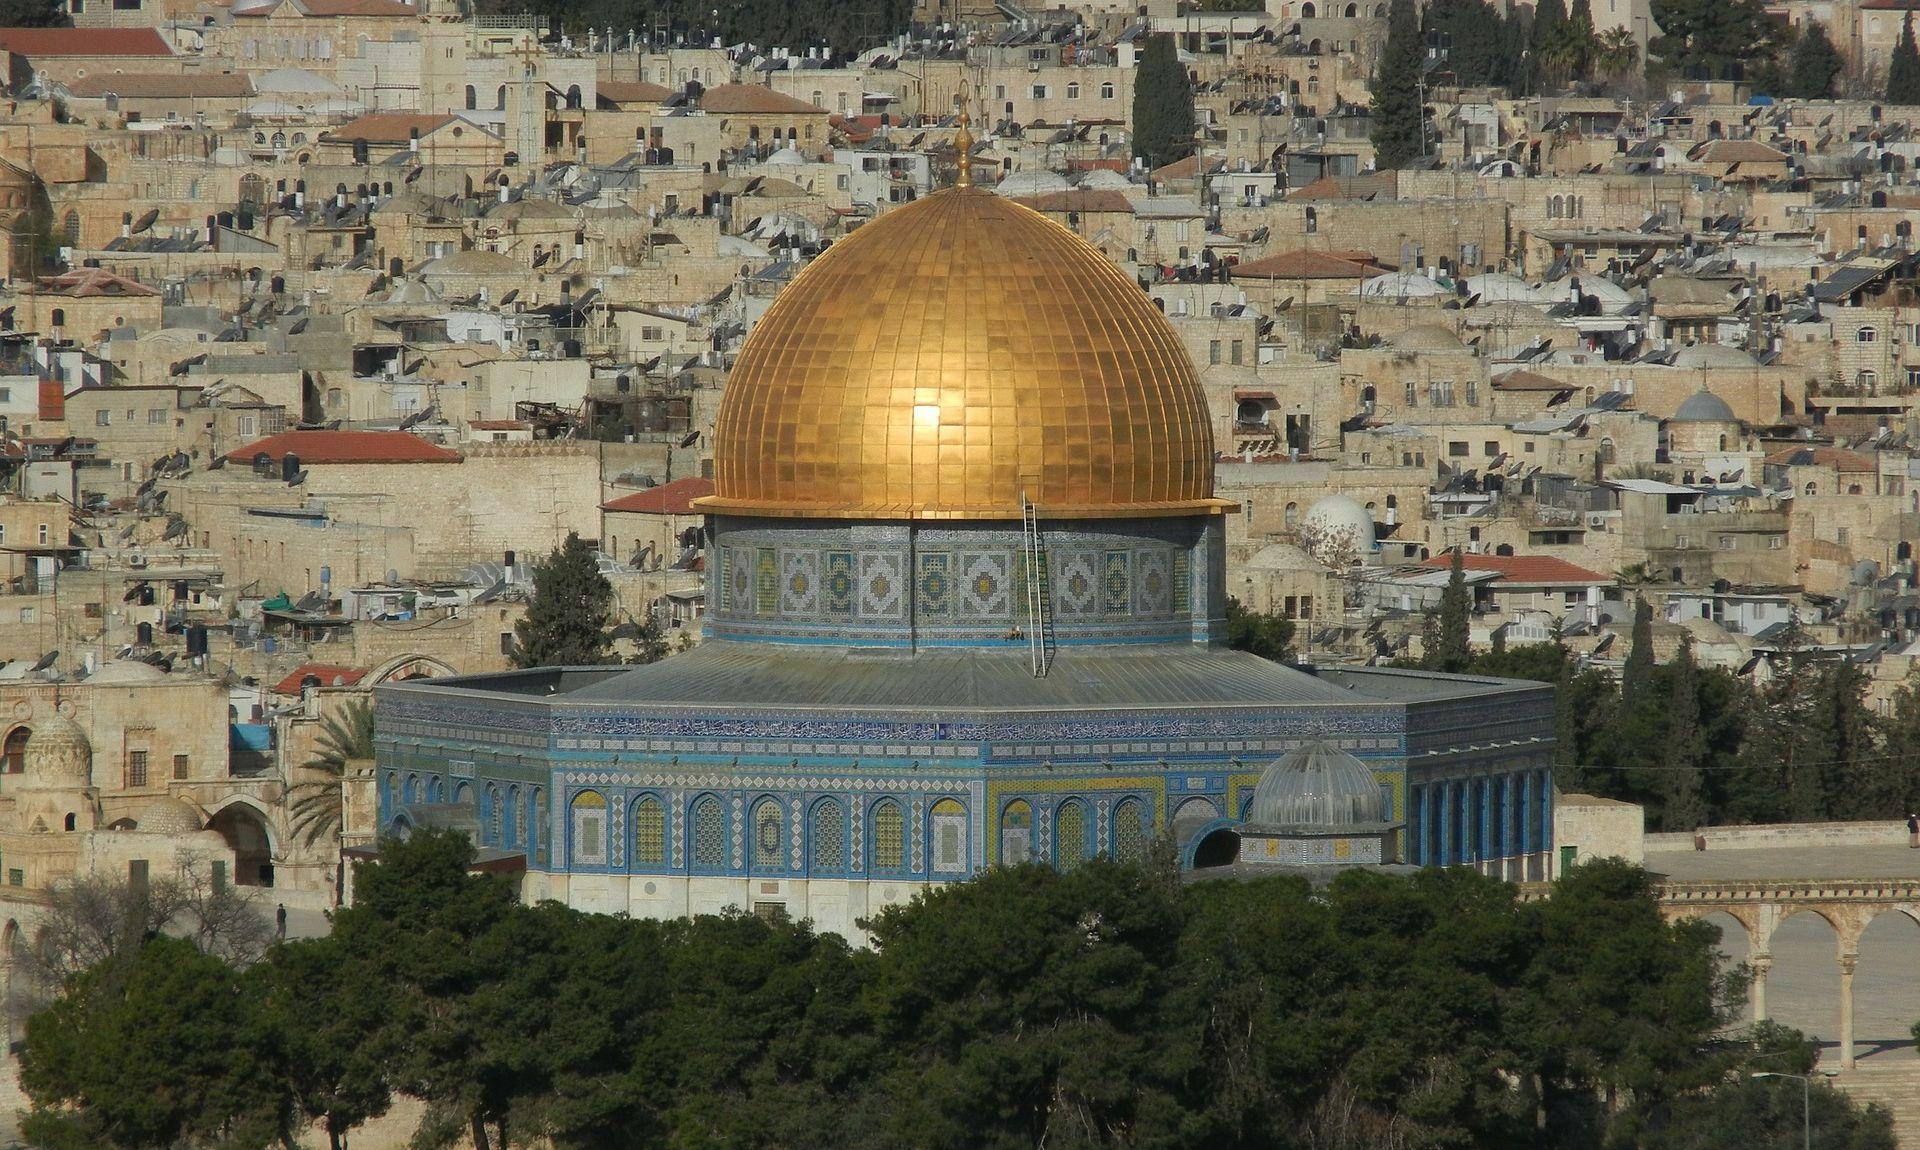 PALESTINCI SE ZABARIKADIRALI Izraelska policija upala u džamiju Al-Aqsa